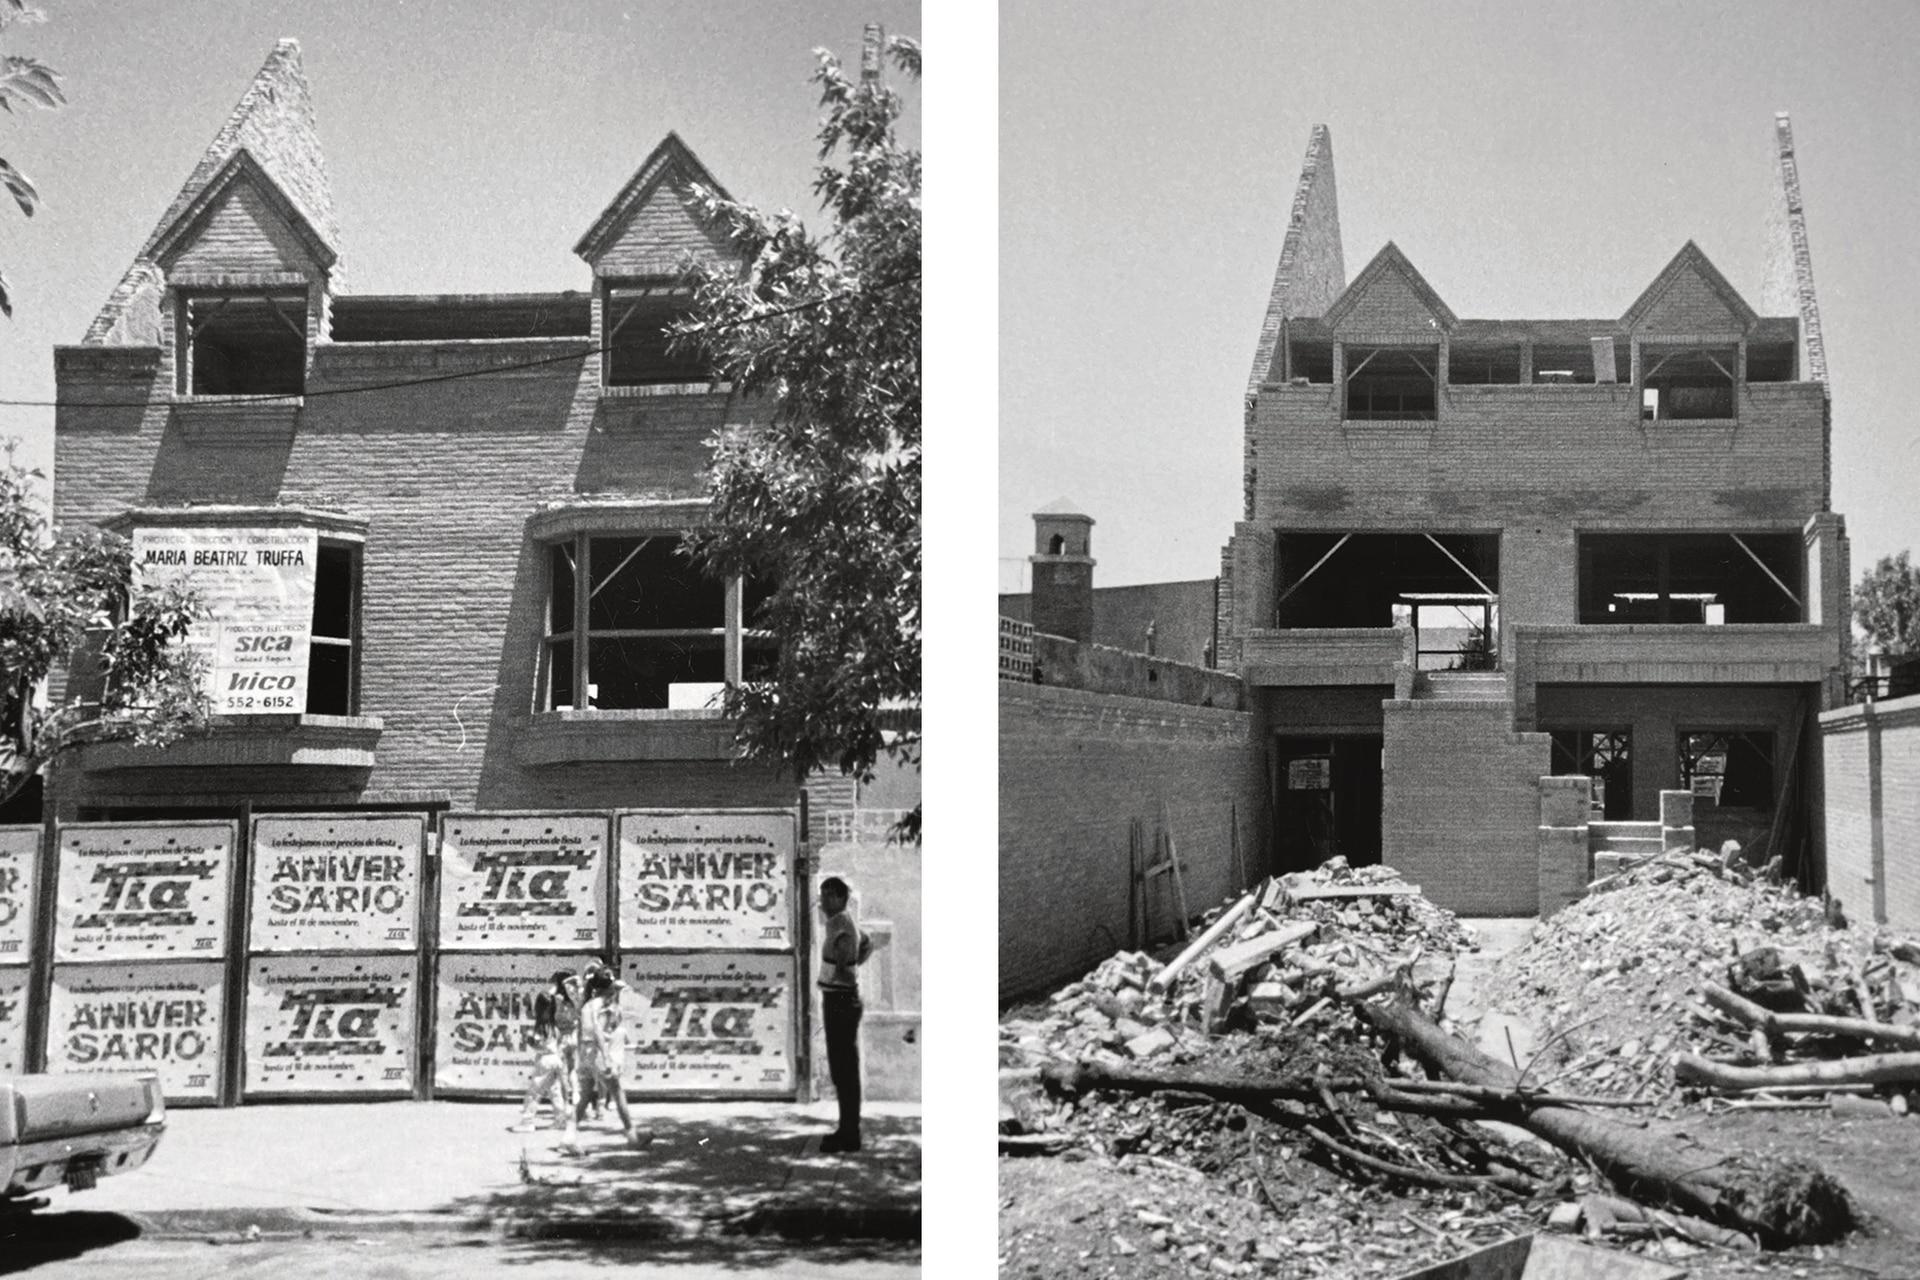 Una de las premisas de la obra fue conservar el ladrillo de la fachada y de la galería, para que no se perdiera la identidad de la casa.